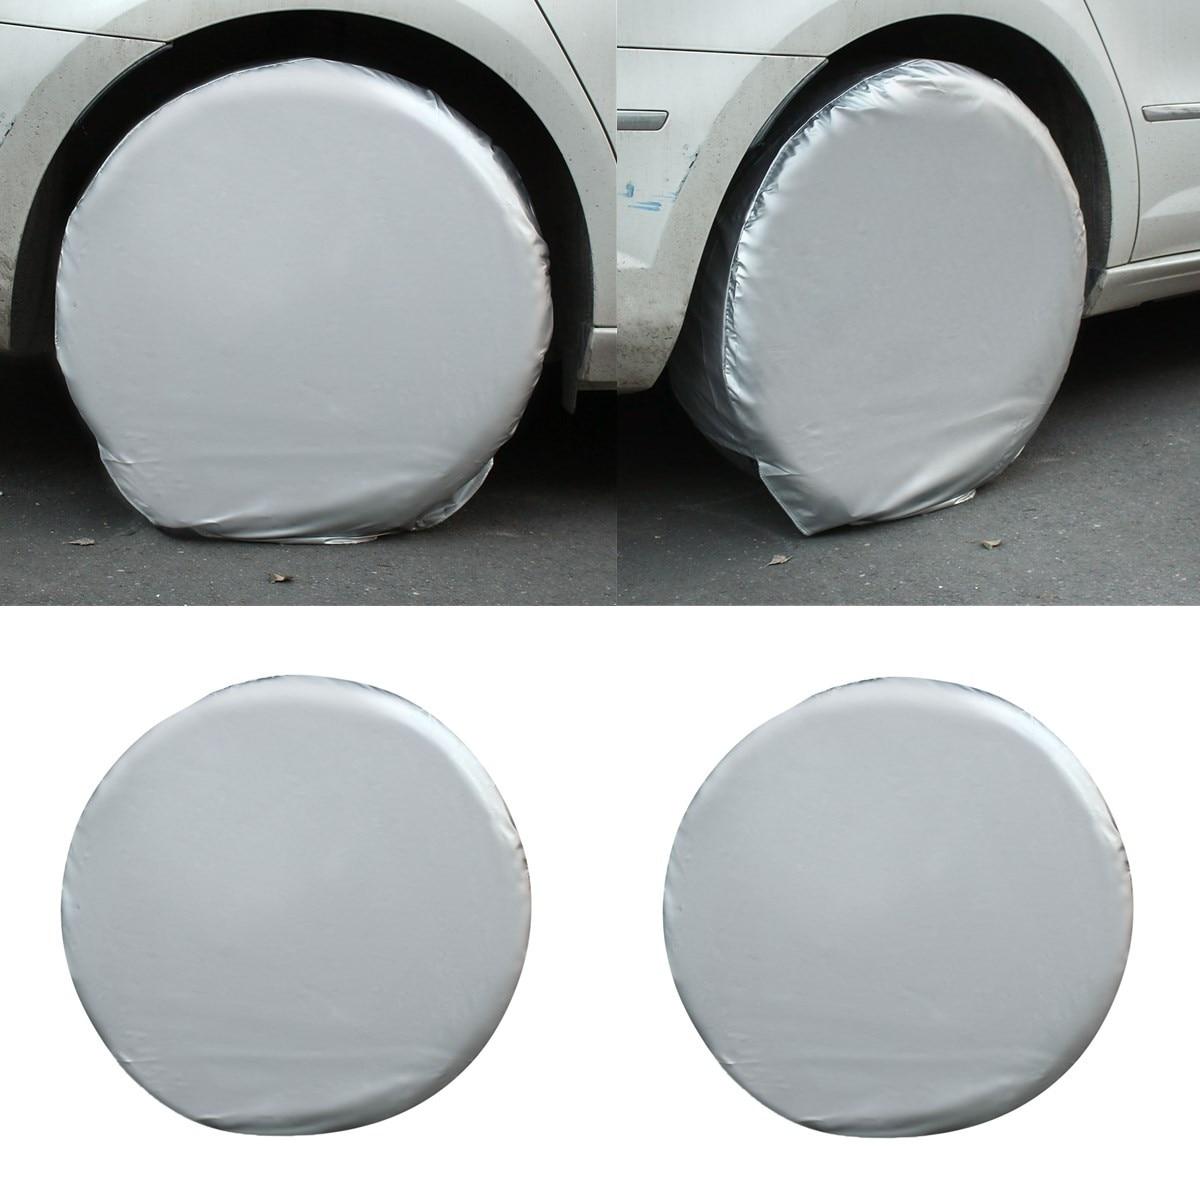 4 unids/set 27 ''29'' Car ruedas de repuesto neumático cubierta del coche impermeable cubierta del neumático para RV camión remolque Motorhome